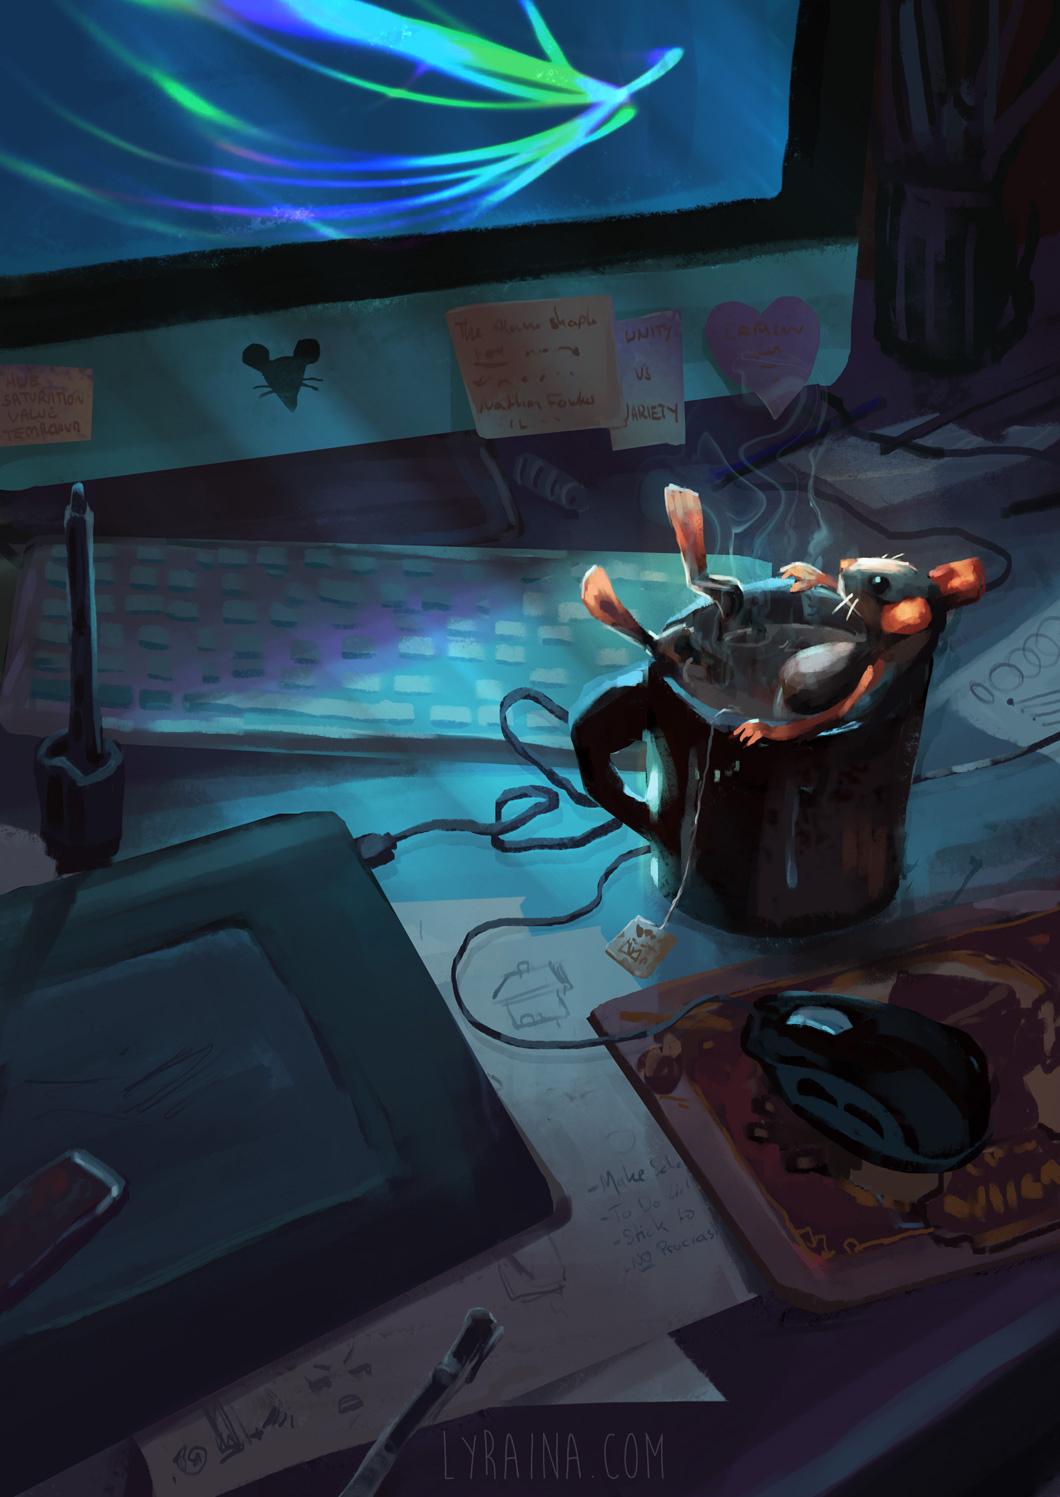 Lyraina daily story painting 1 2c88fe48 flll